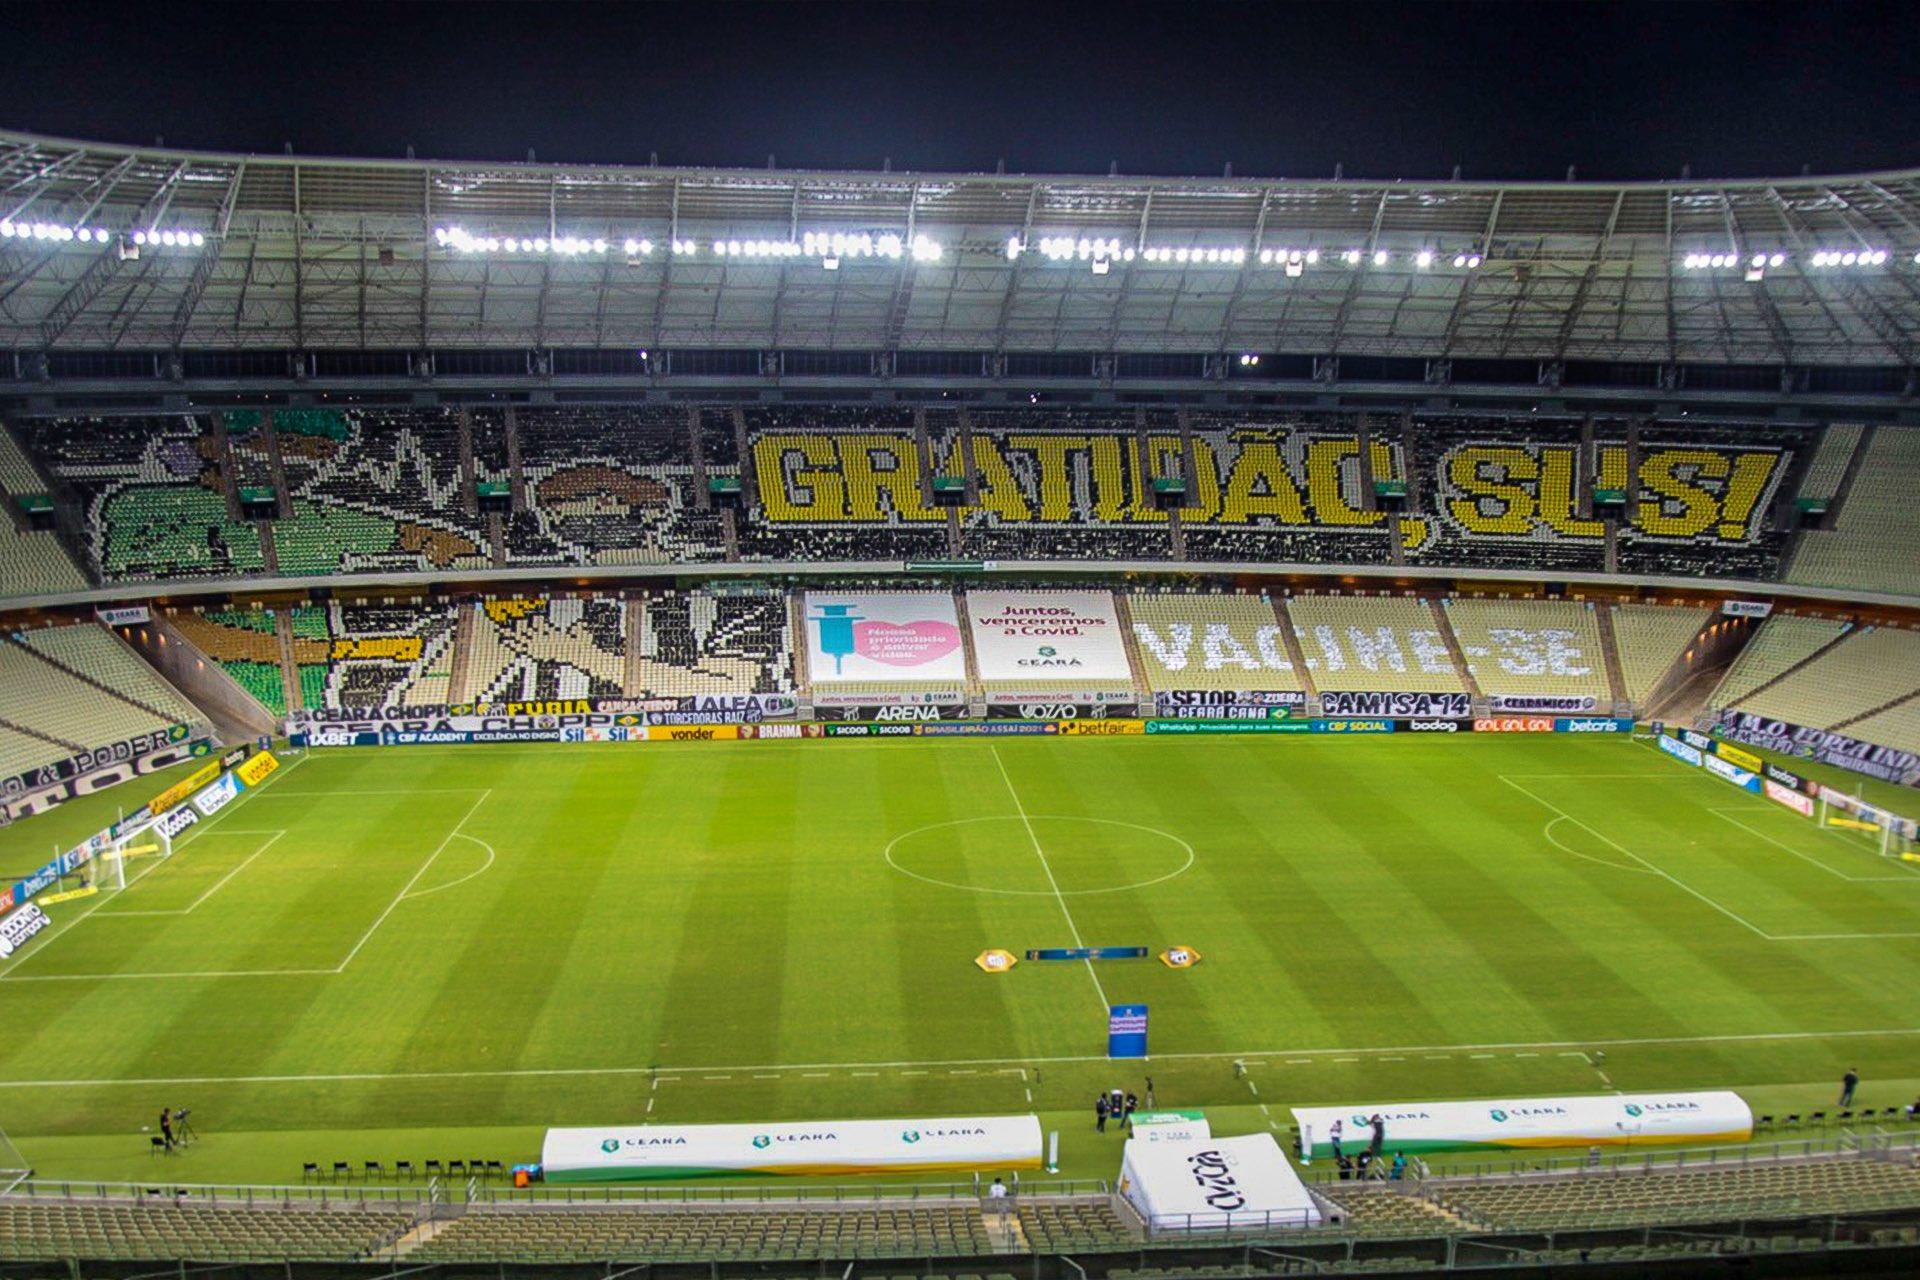 Com objetivos divergentes, Ceará e Palmeiras se enfrentam na noite desta quarta-feira (20), às 19h, na Arena Castelão, em Fortaleza (CE)